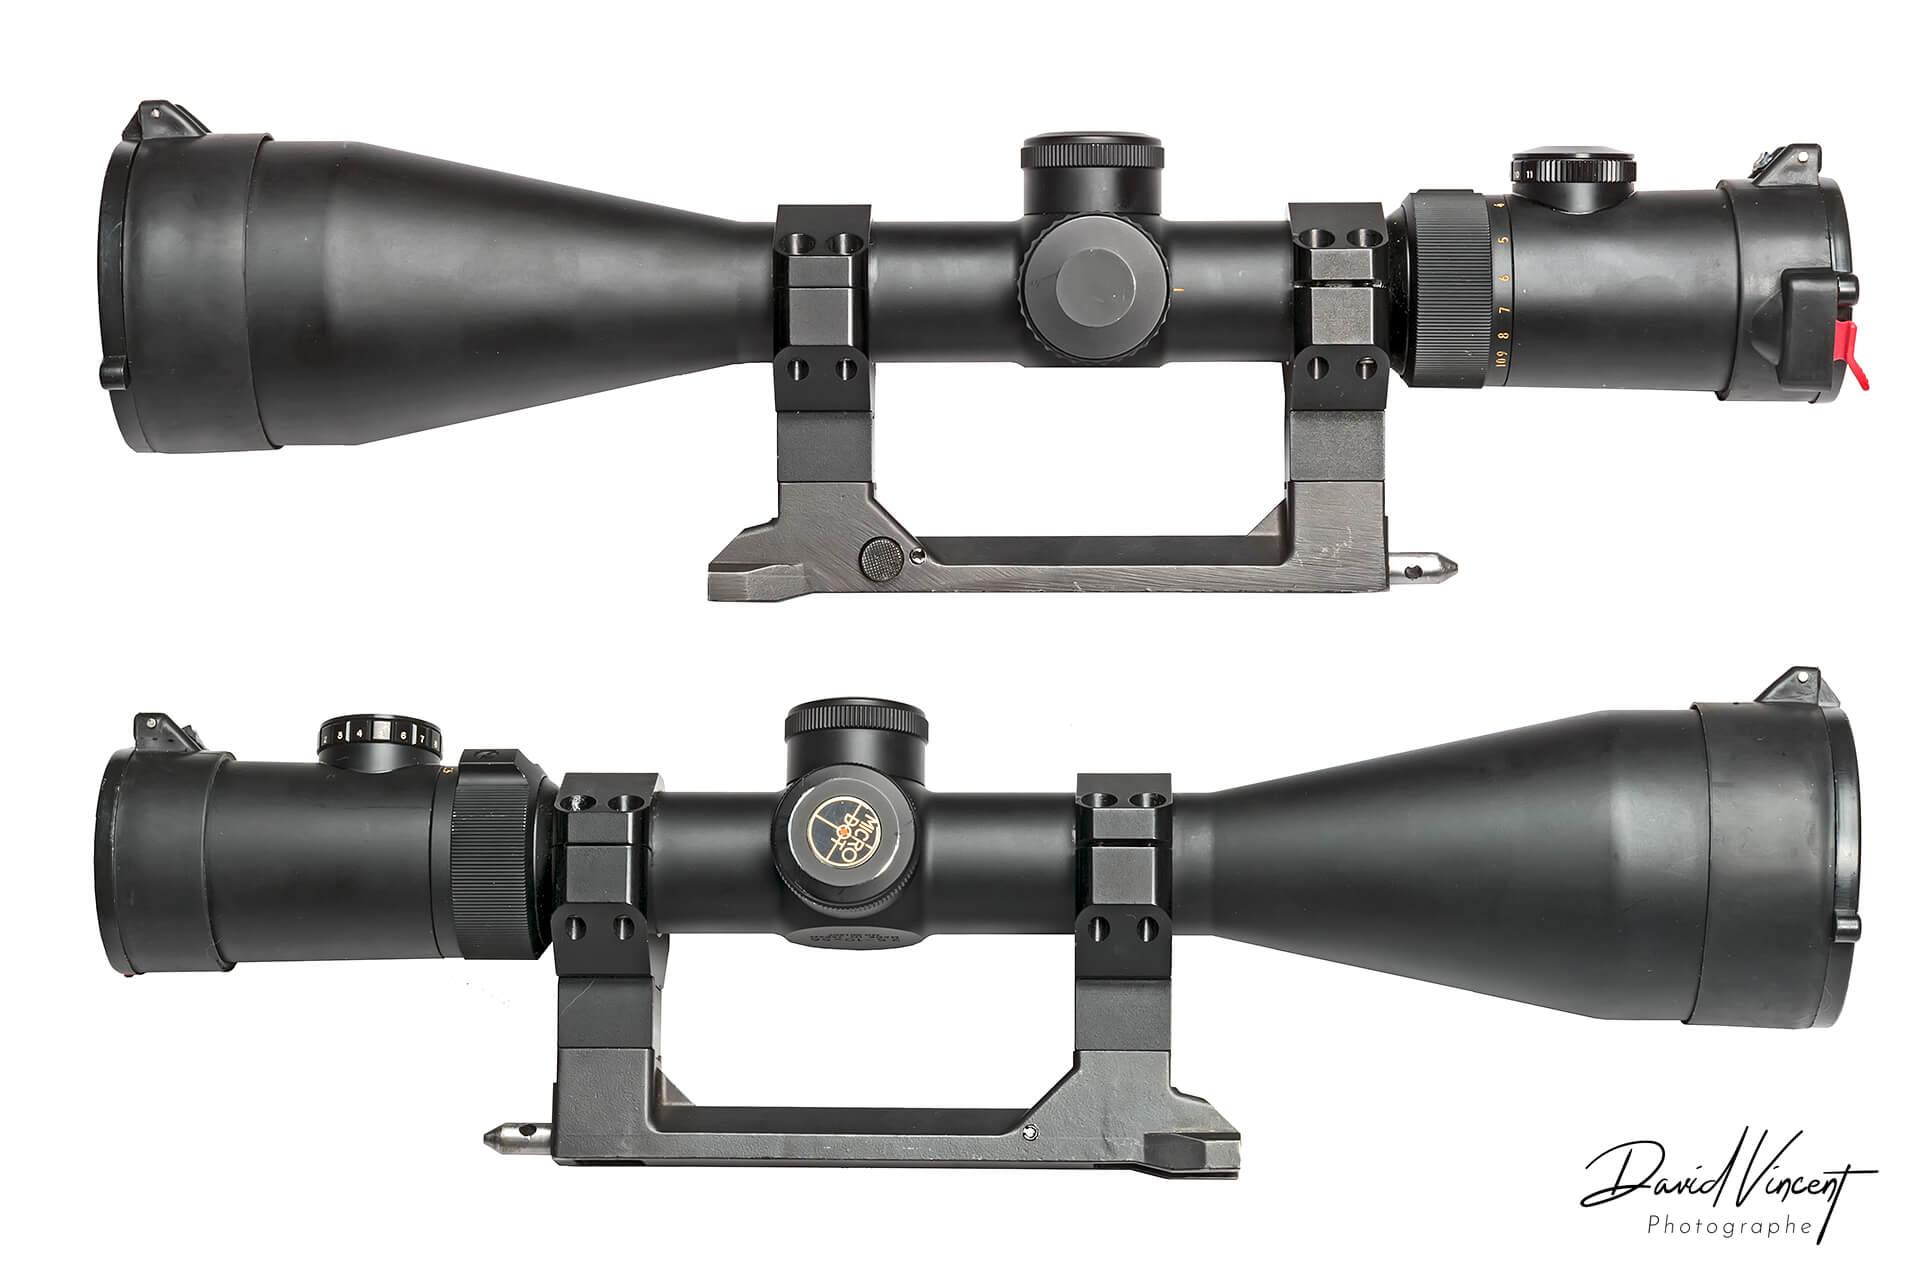 MicroDot - Photographe d'armes à feu